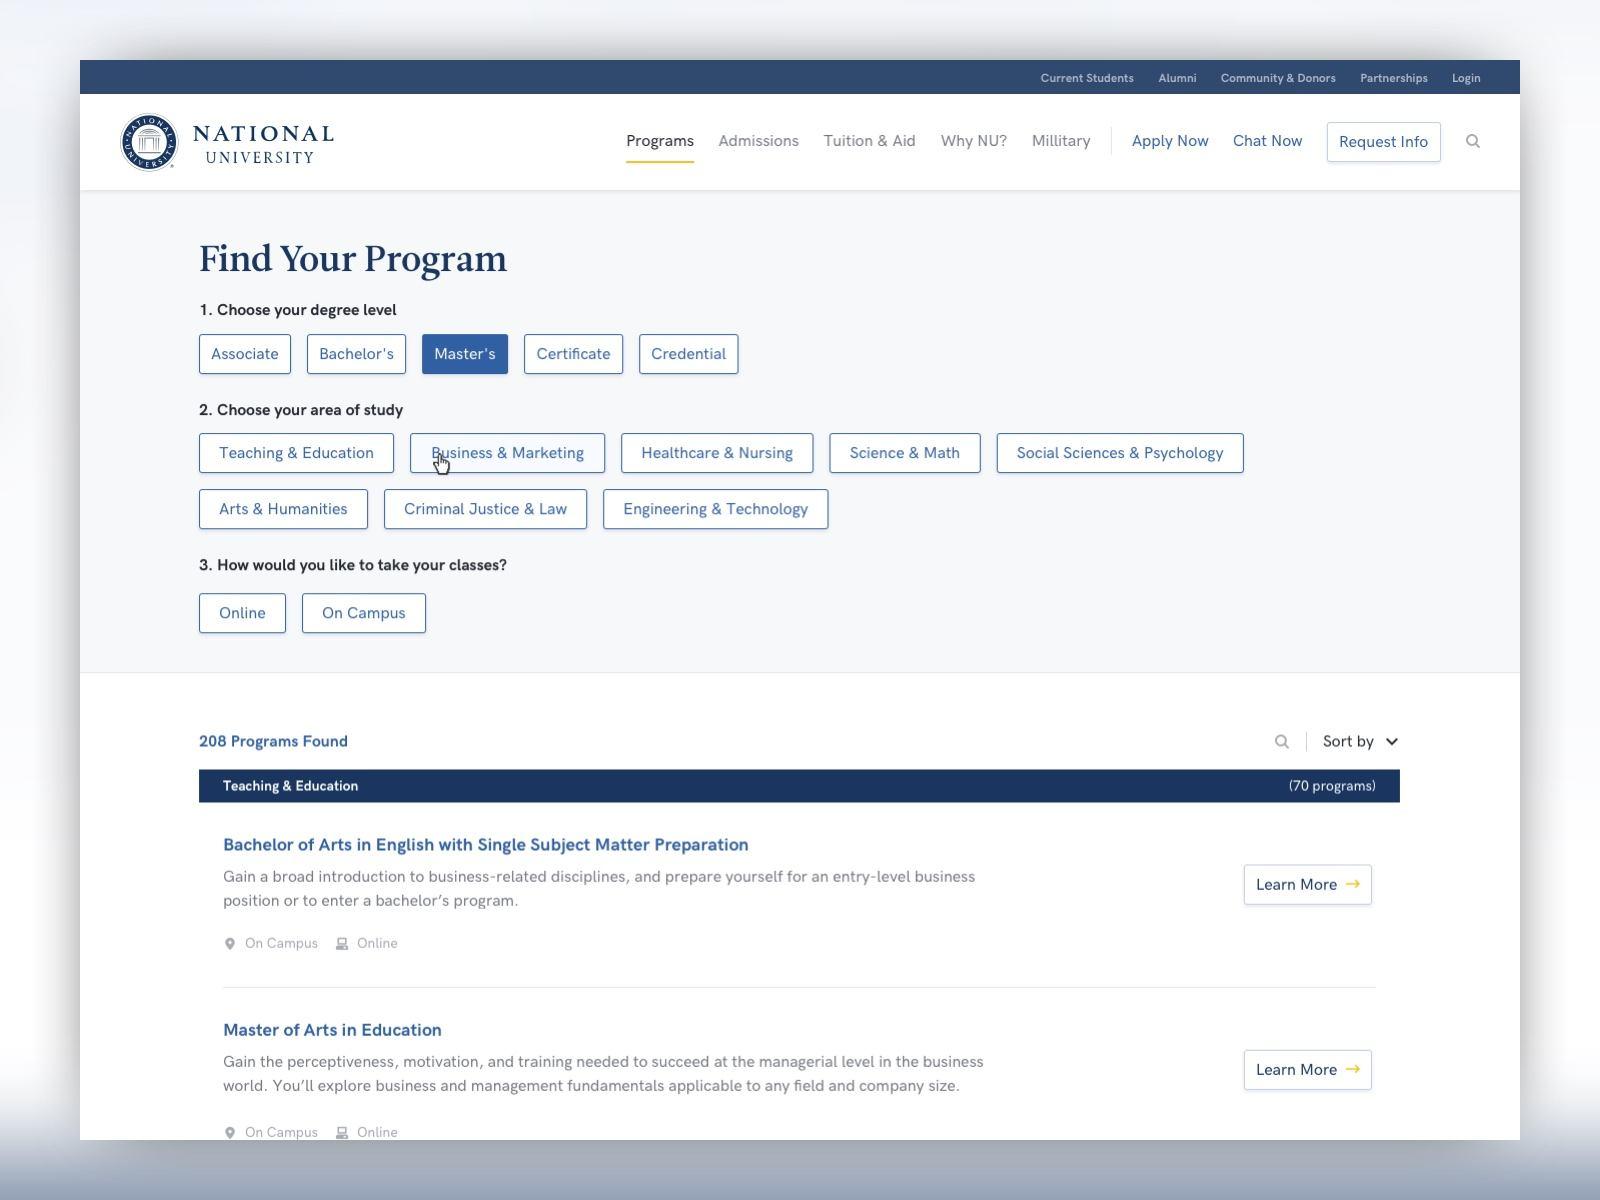 screenshot of the National University program finder page at desktop size